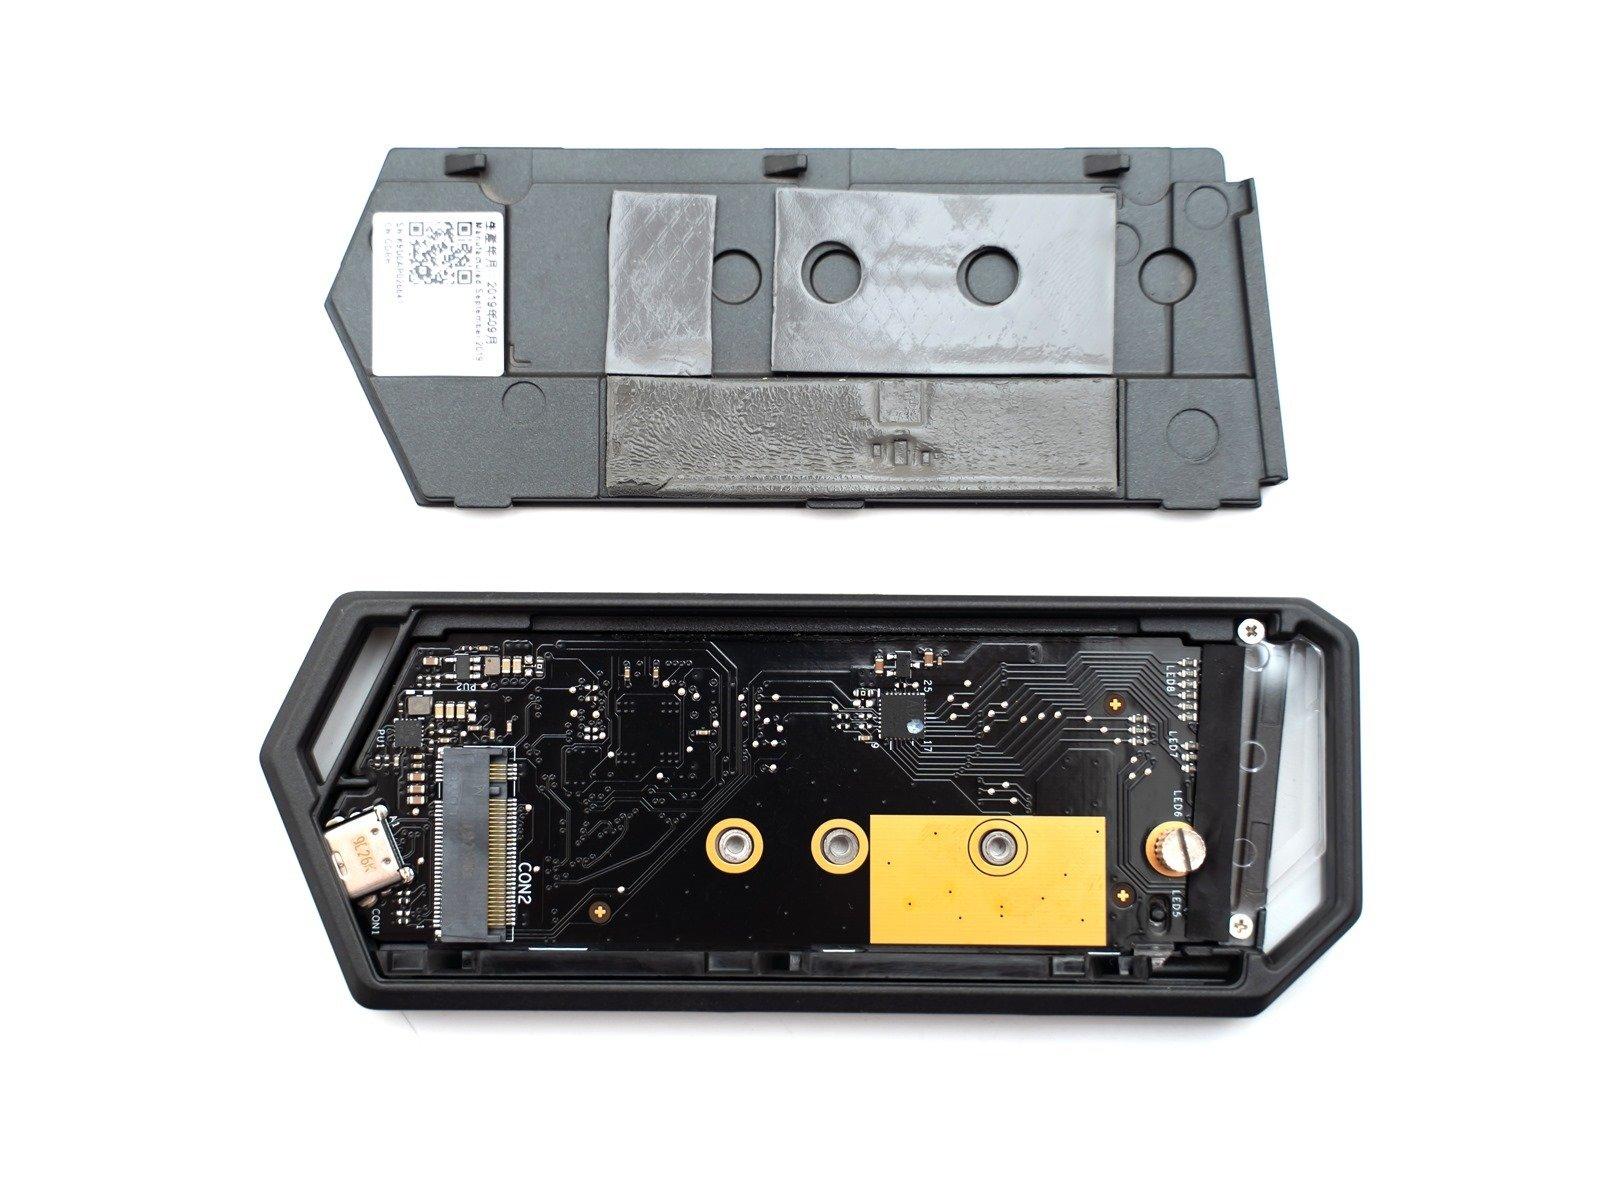 性能頂級之外帥氣更是加分項!ROG Strix Arion SSD 固態硬碟外接盒開箱 & 實測 @3C 達人廖阿輝